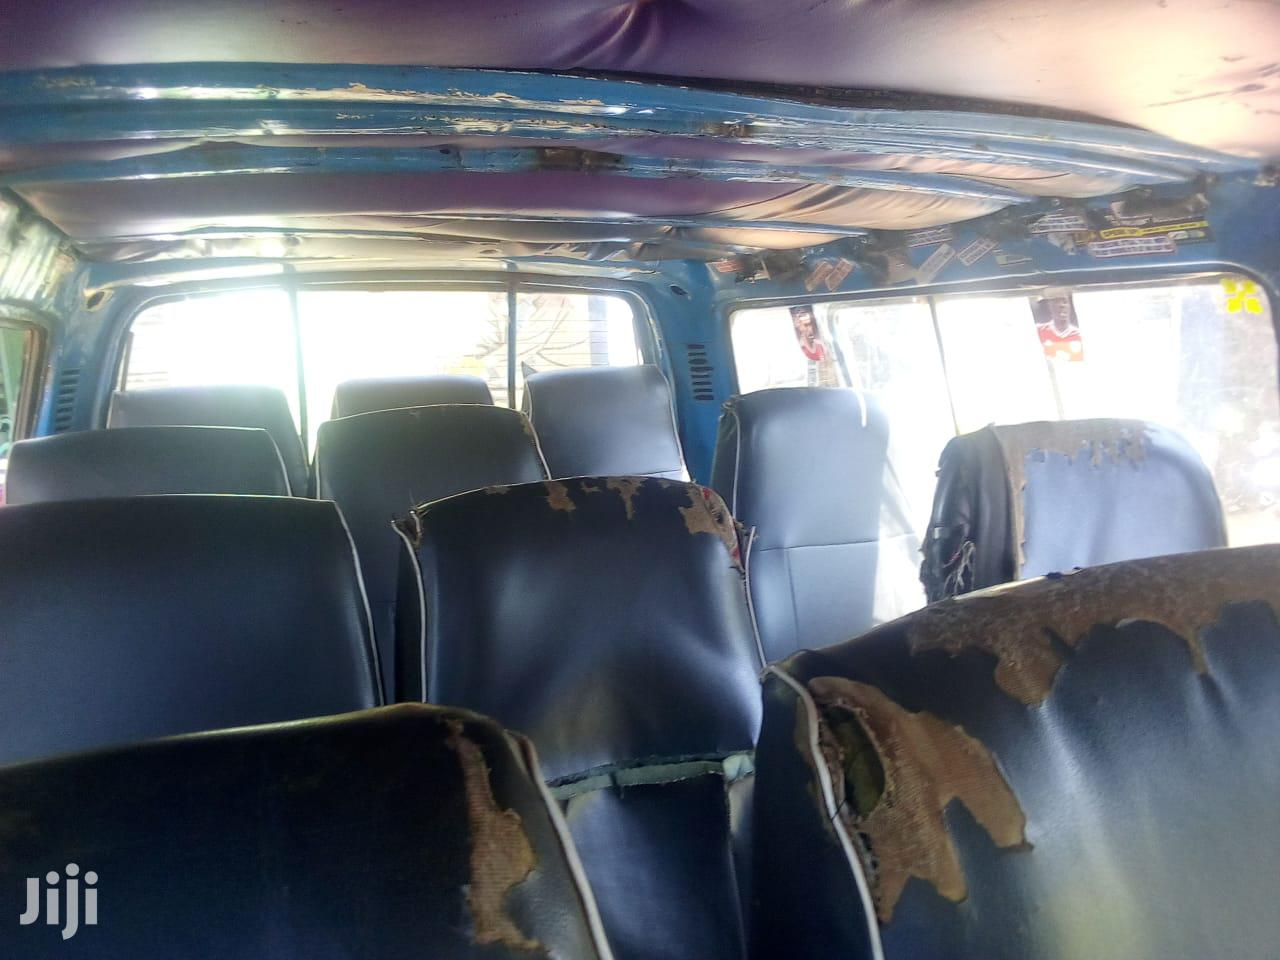 Toyota Hiace 2002 Silver | Buses & Microbuses for sale in Mwibona, Vihiga, Kenya